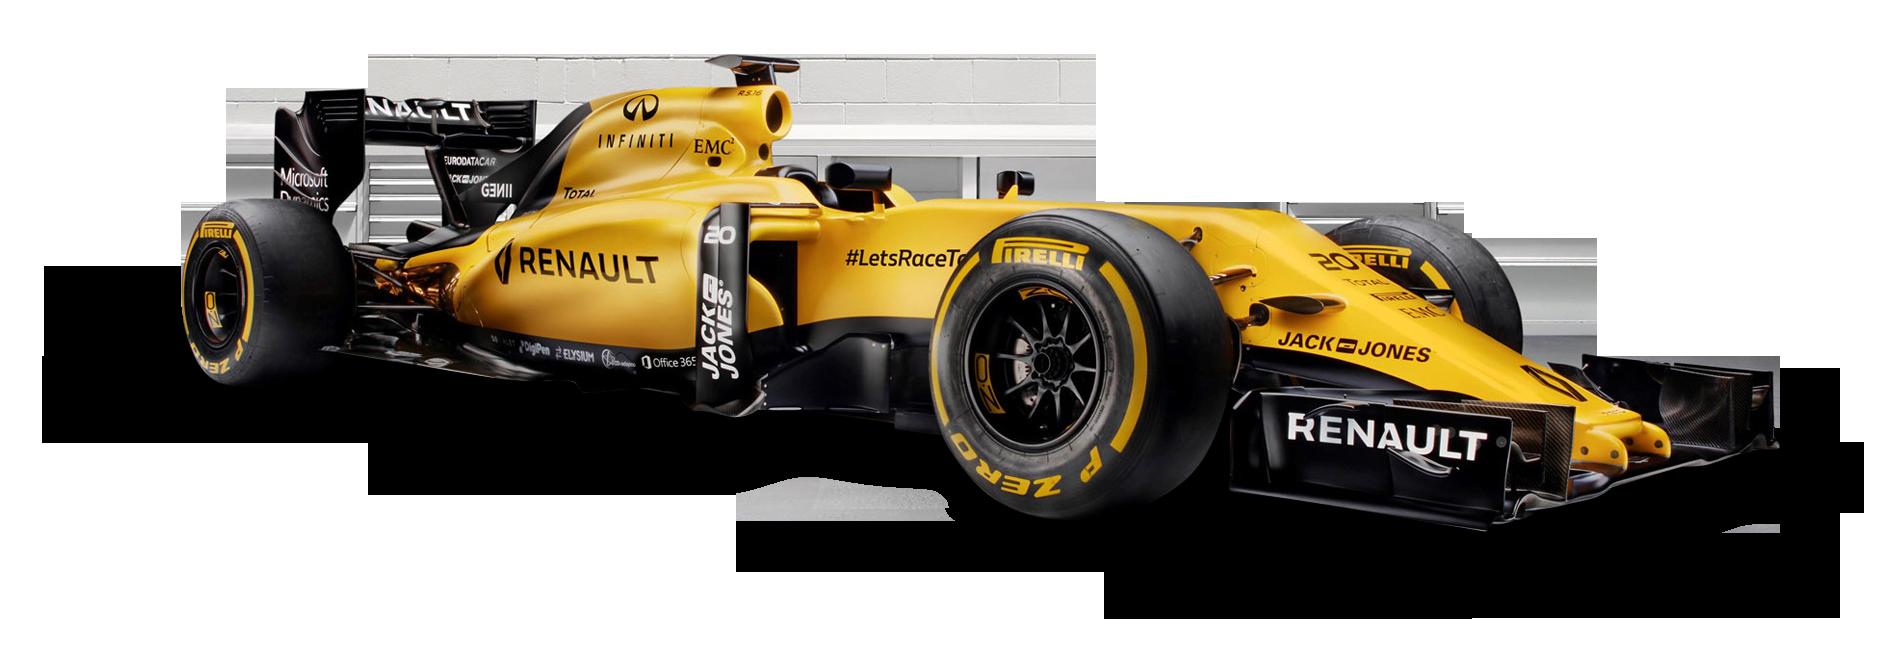 Renault Rs16 Formula 1 Race Car Png Image Race Cars Racing Formula 1